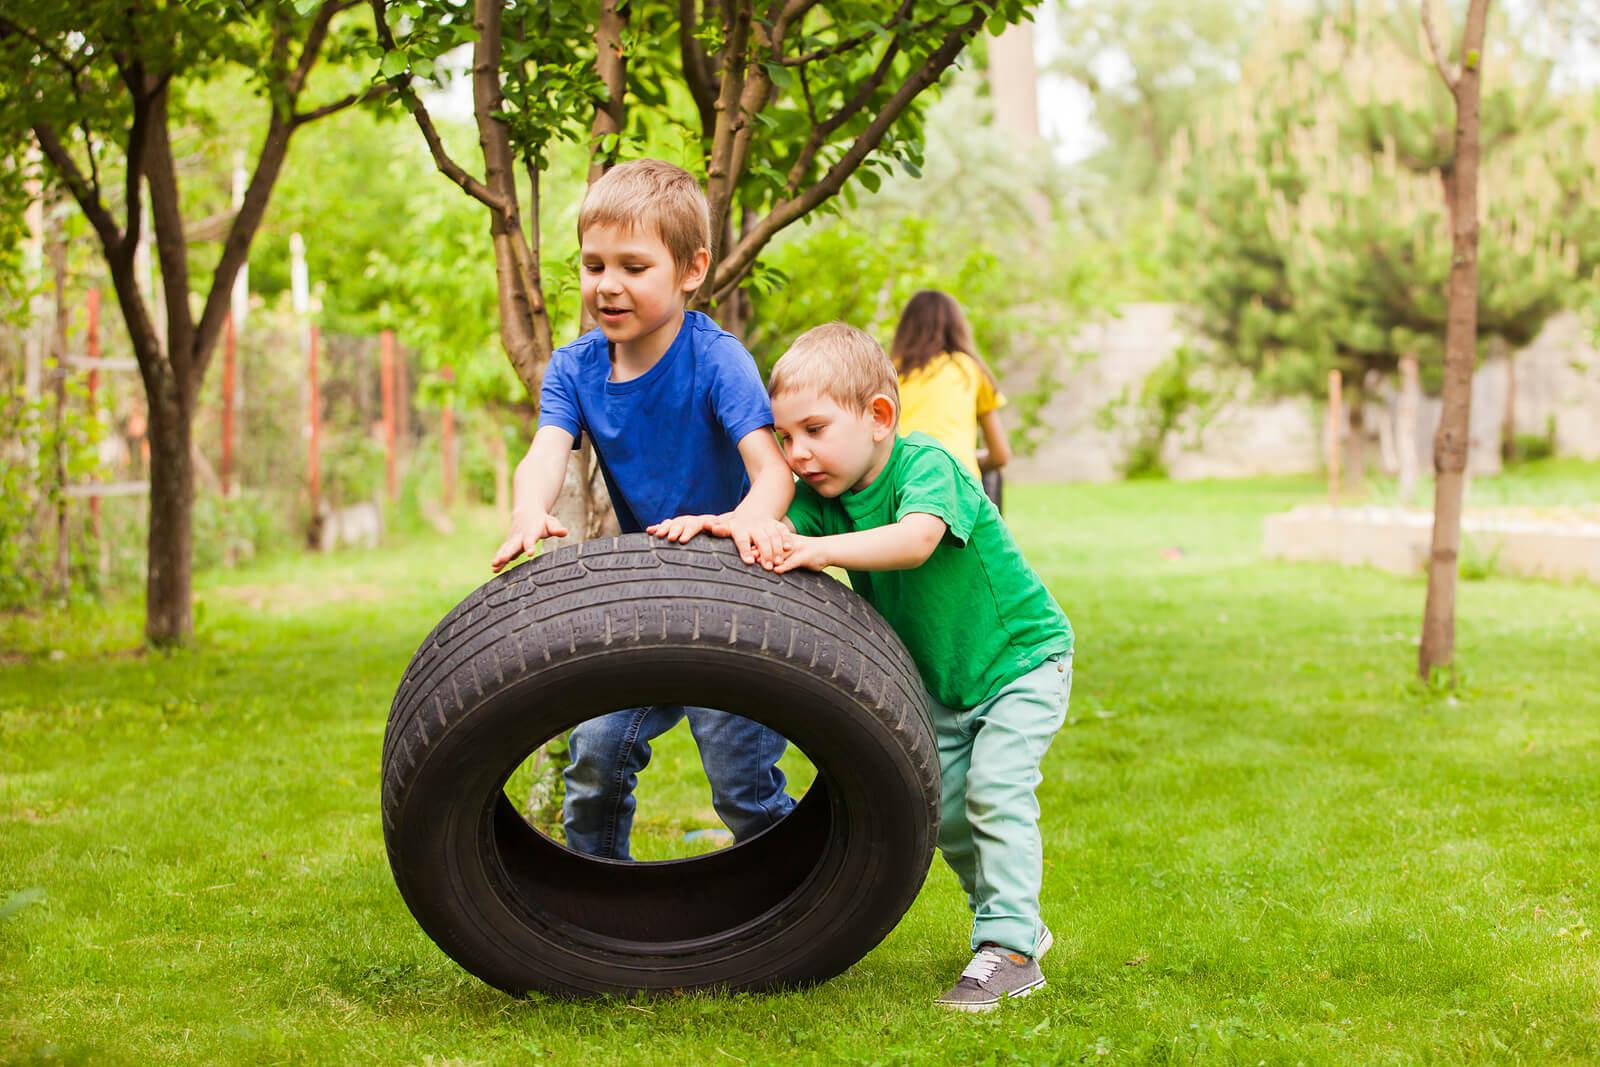 Niños jugando con una ruega gigante aprendiendo a soltar el control.